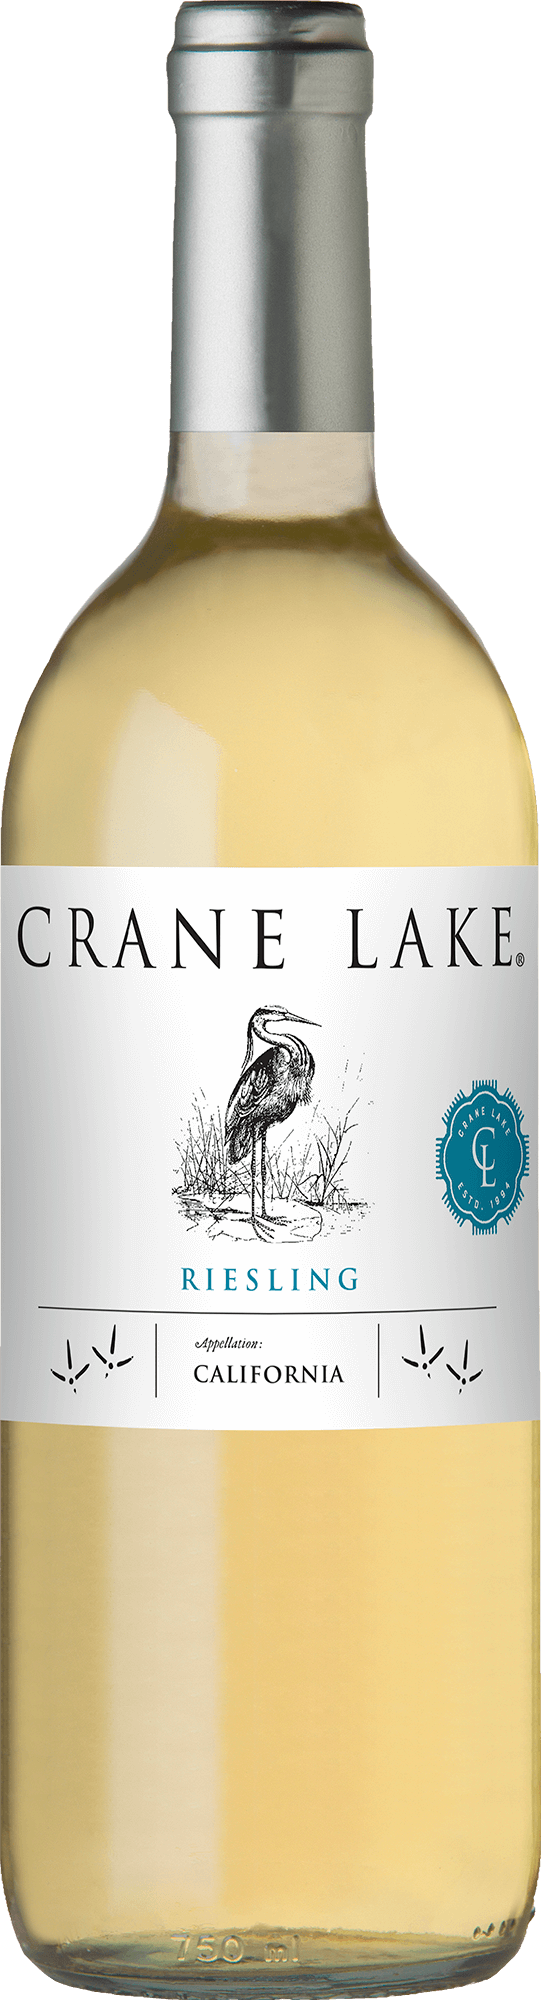 Crane Lake Riesling Bottleshots